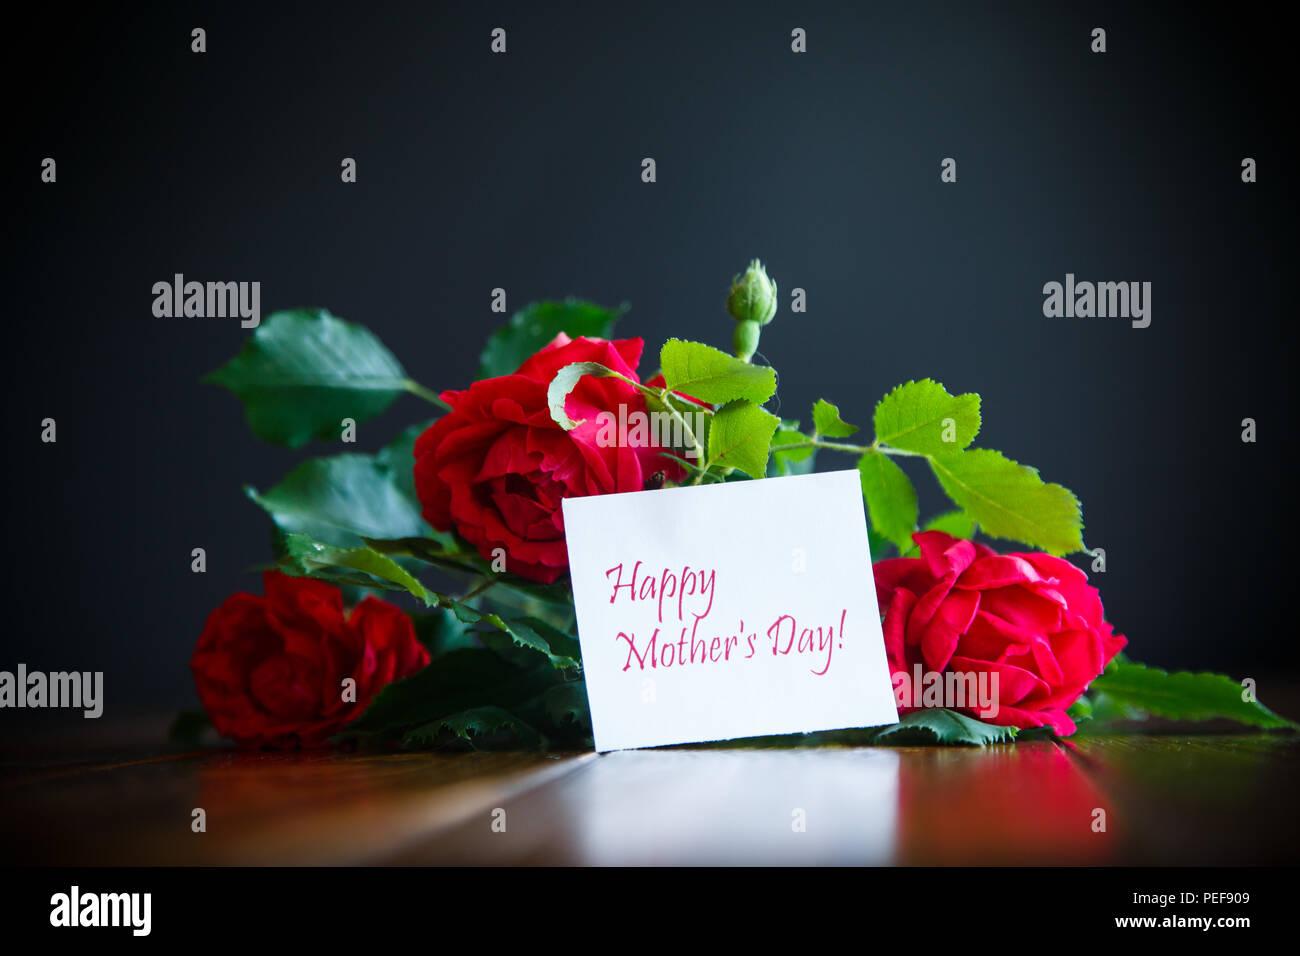 Magnifique Bouquet De Roses En Fleurs Rouge Sur Fond Noir Banque D